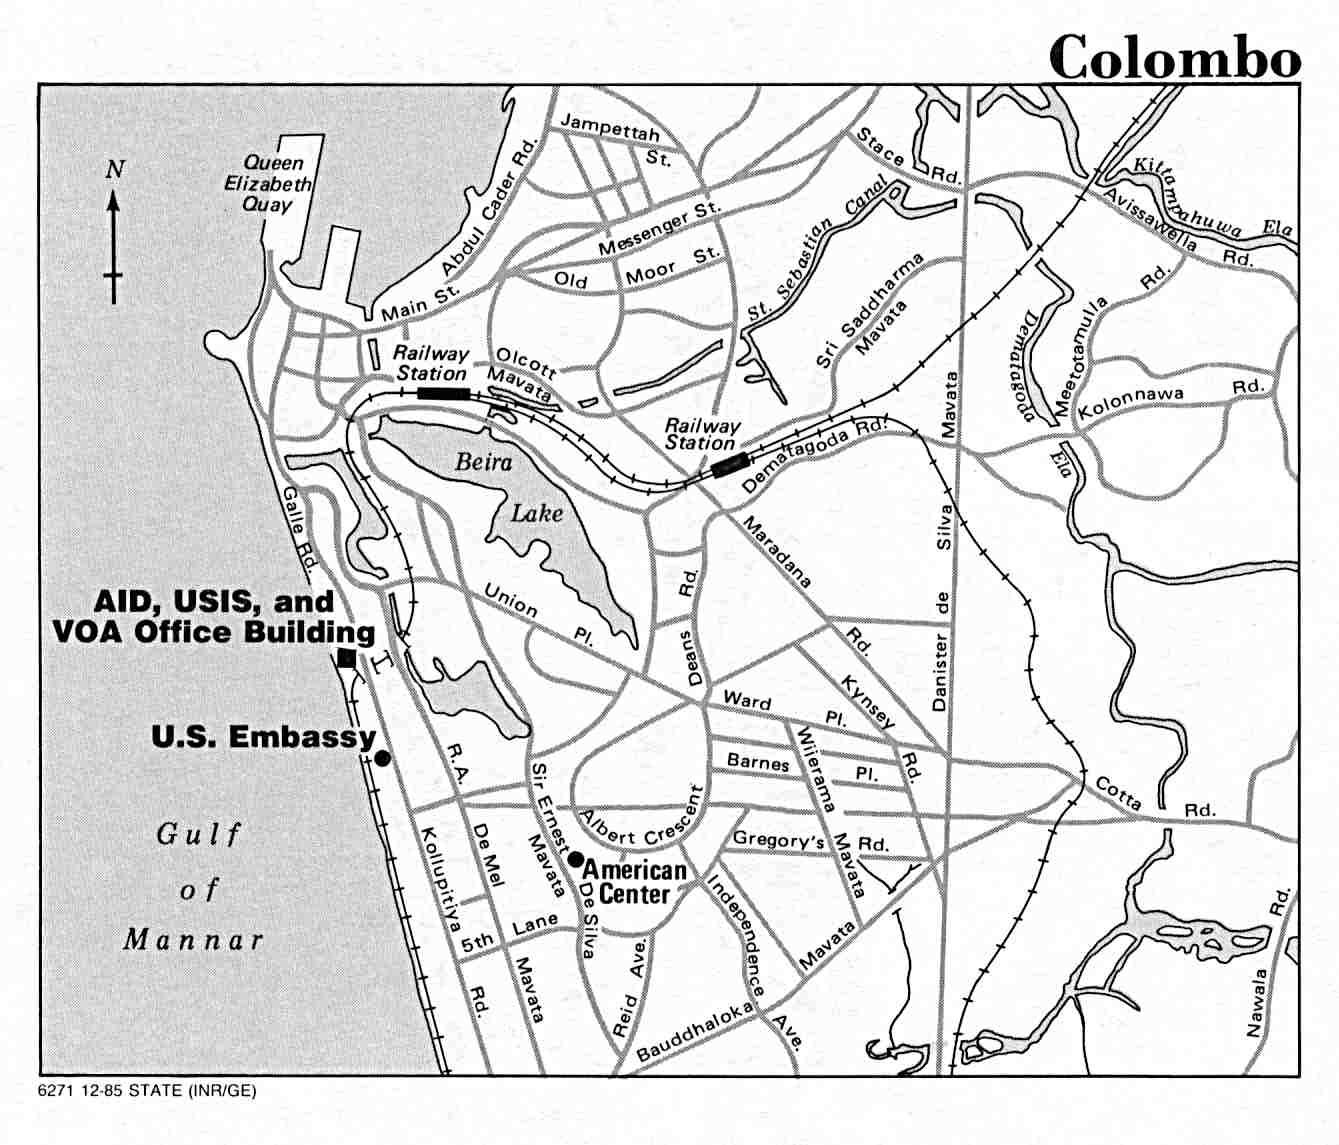 Mapa de la Ciudad de Colombo, Sri Lanka